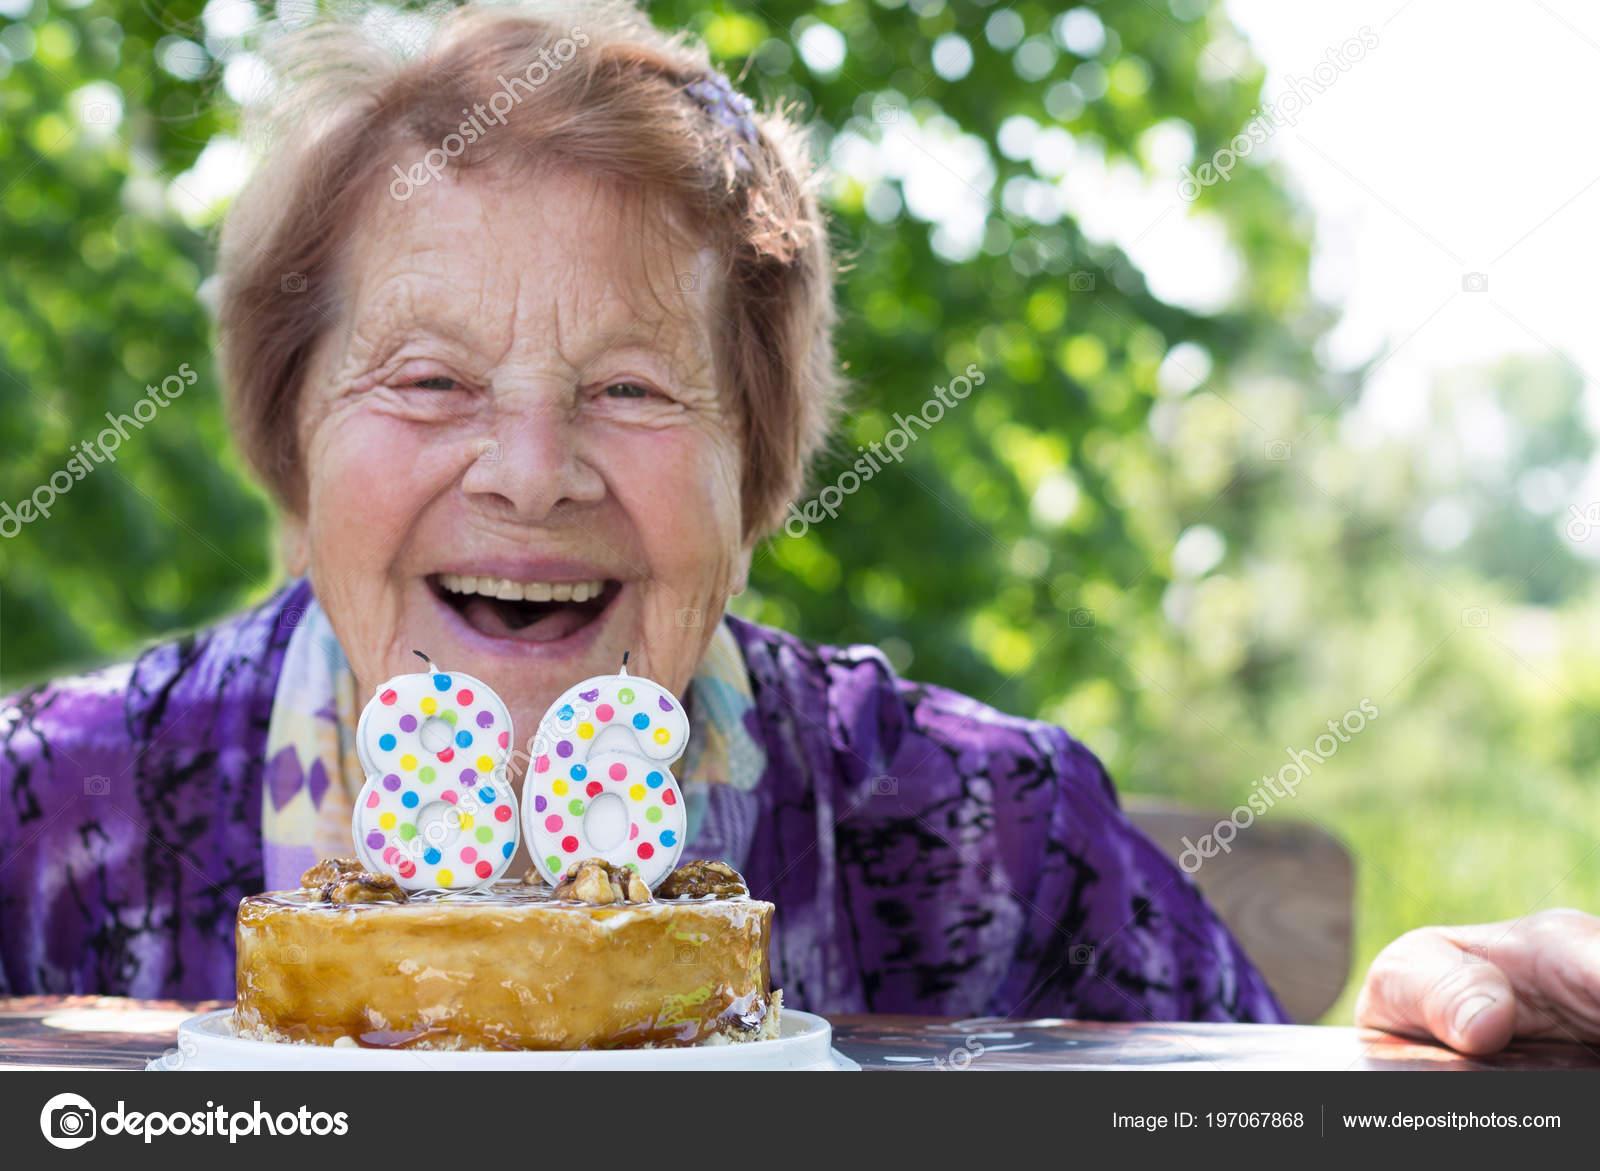 Glucklich Reife Frau Feiert Geburtstag Kuchen Kerzen Stockfoto